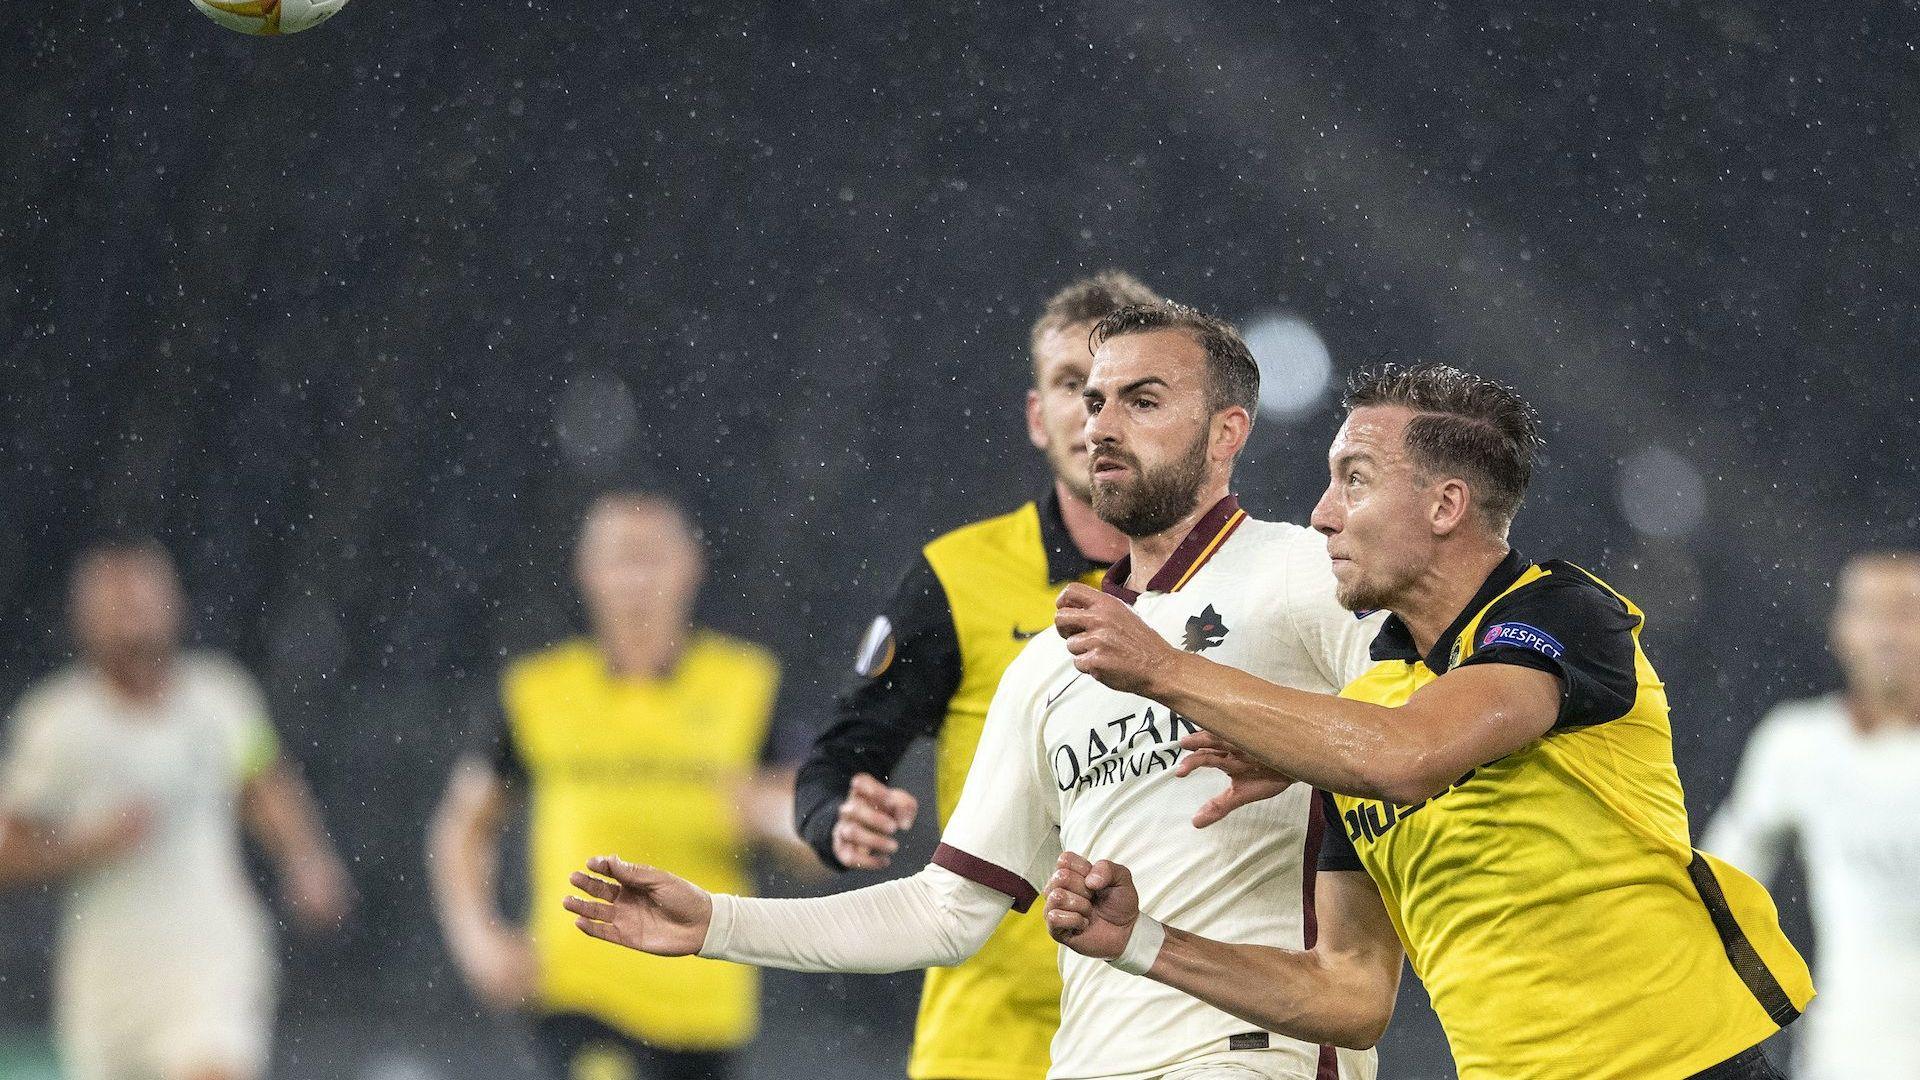 Рома обърна Йънг Бойс за пет минути (ранните резултати от Лига Европа)